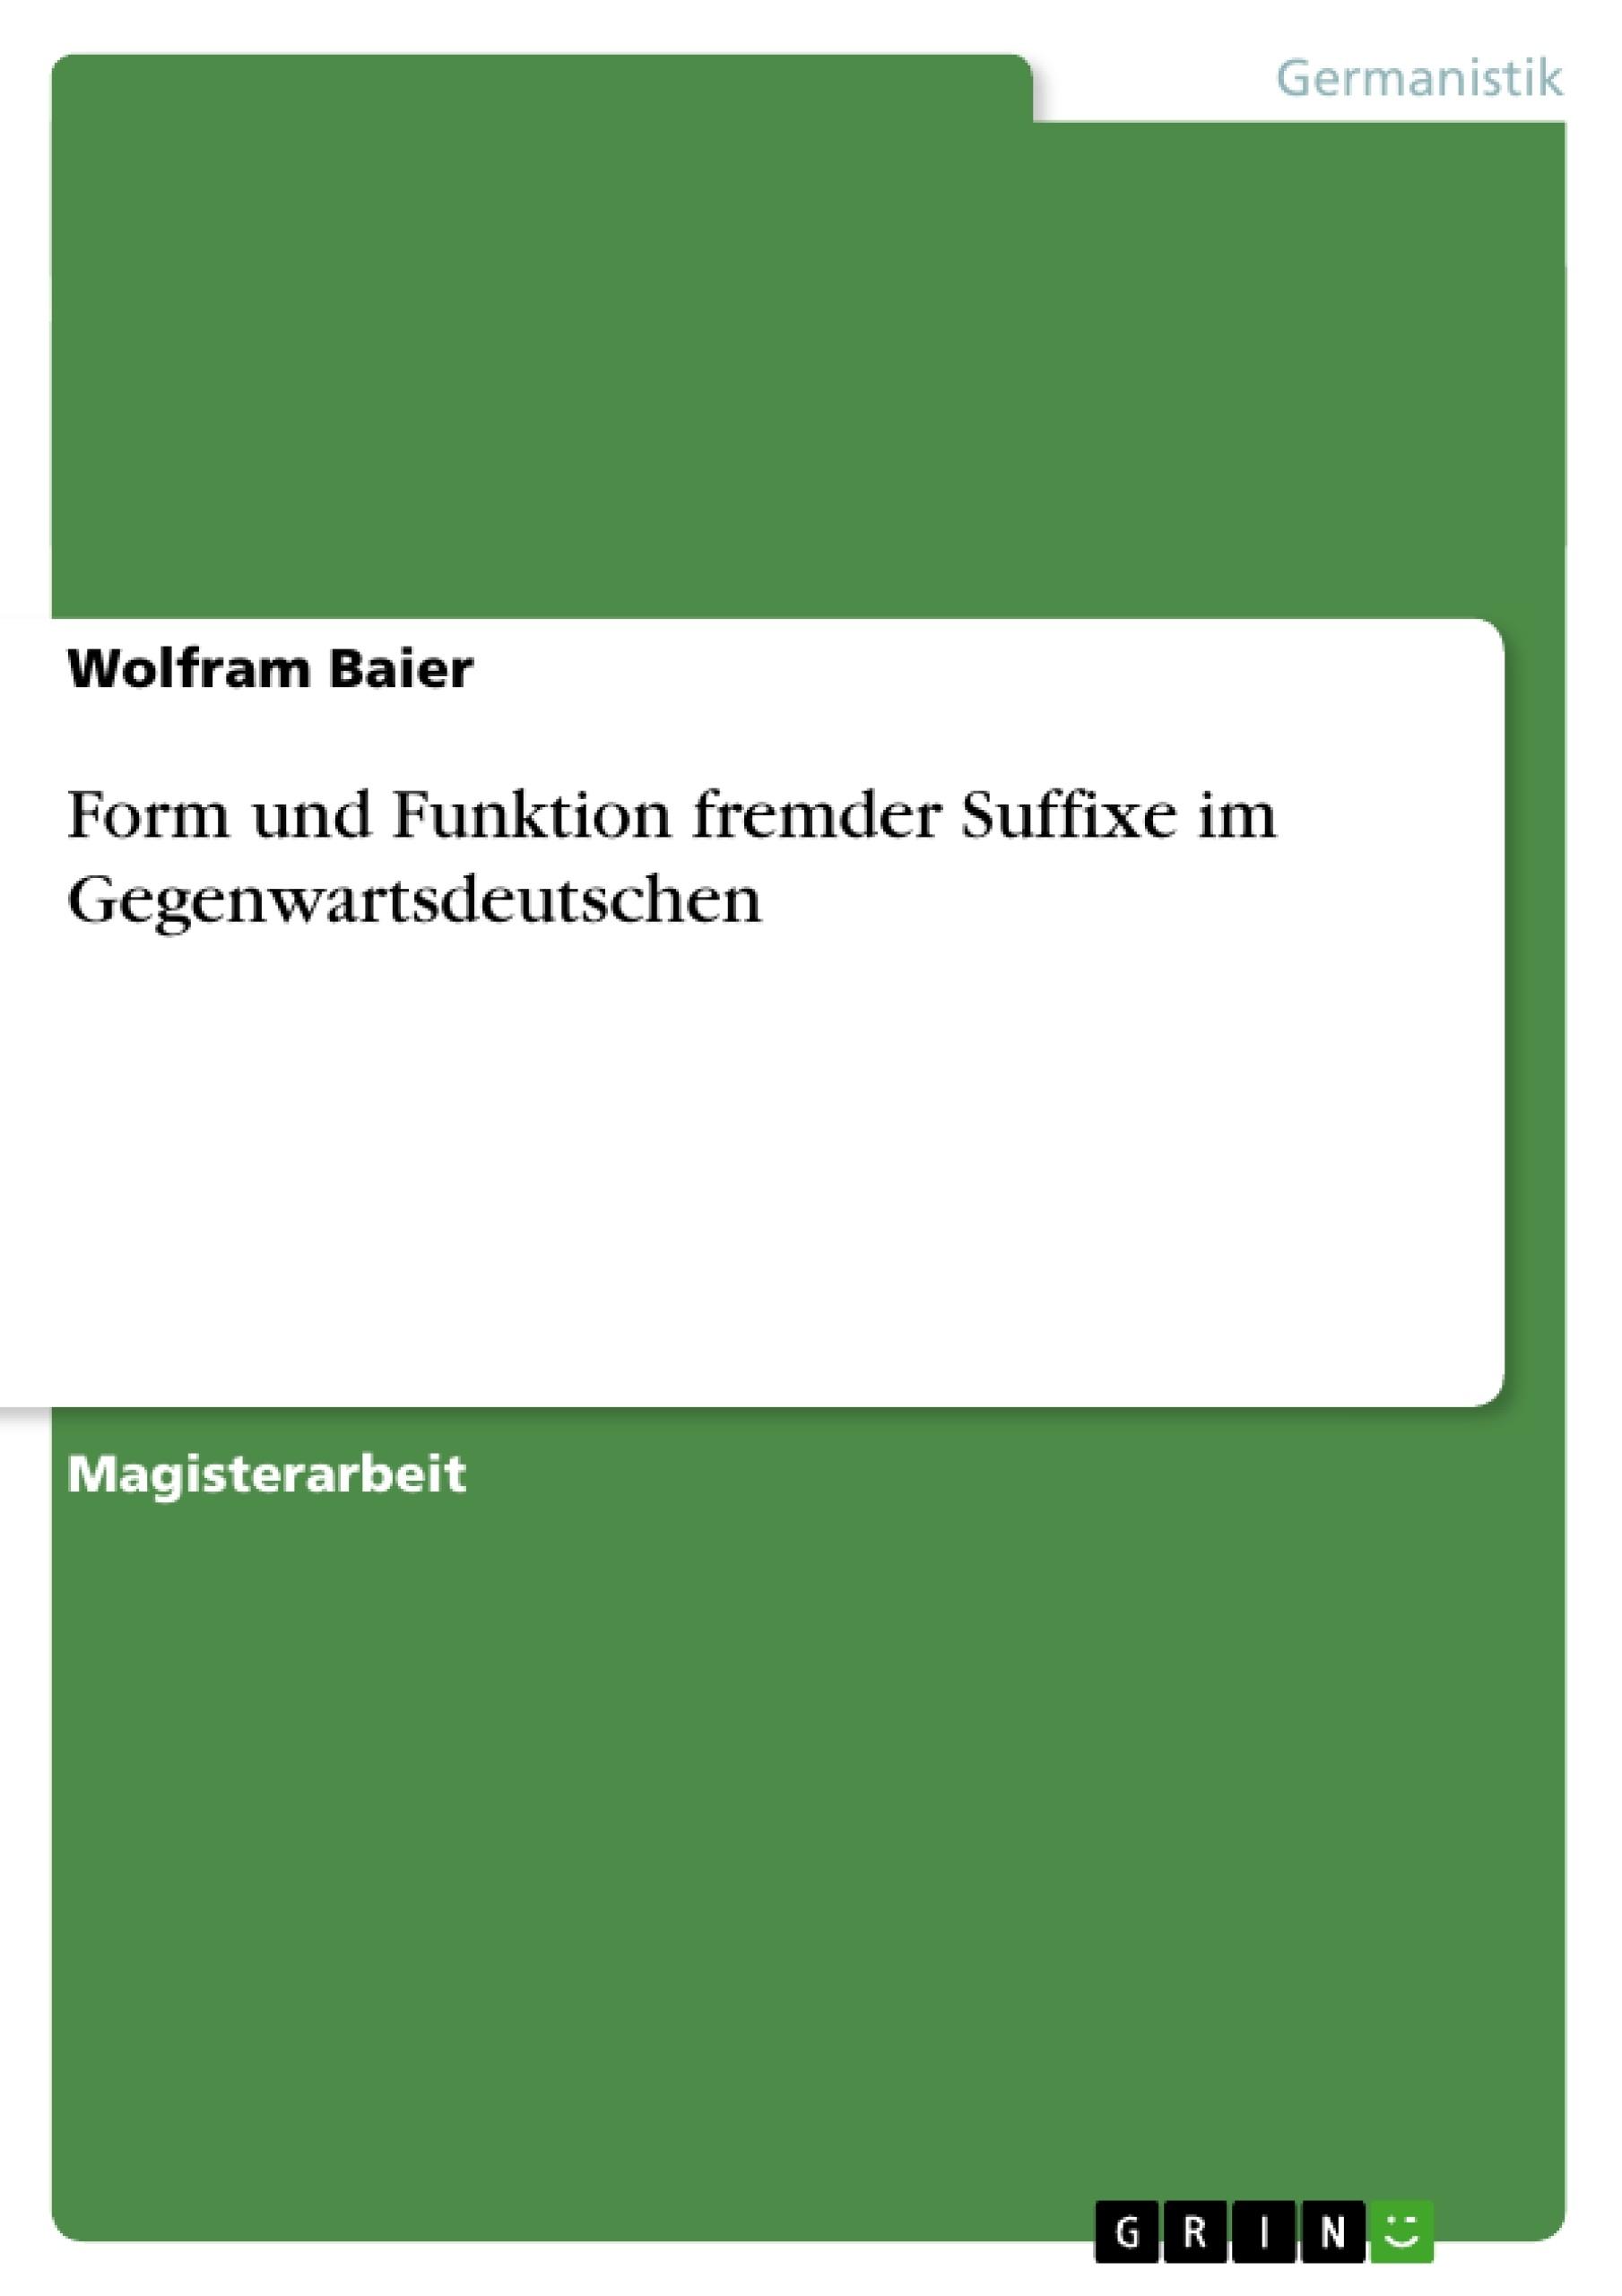 Titel: Form und Funktion fremder Suffixe im Gegenwartsdeutschen